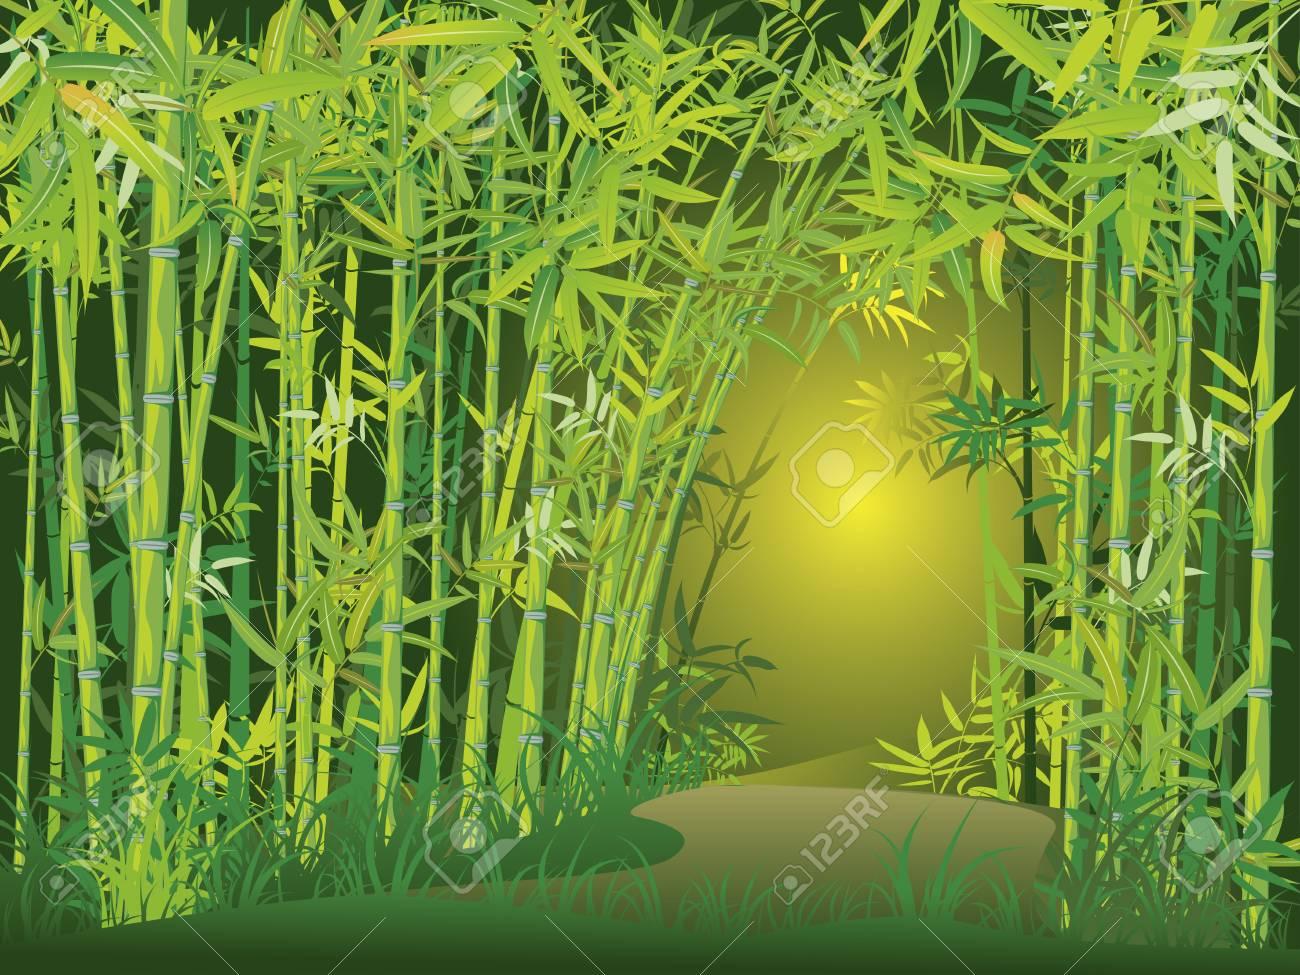 Landscape clipart forest, Landscape forest Transparent FREE for download on  WebStockReview 2020